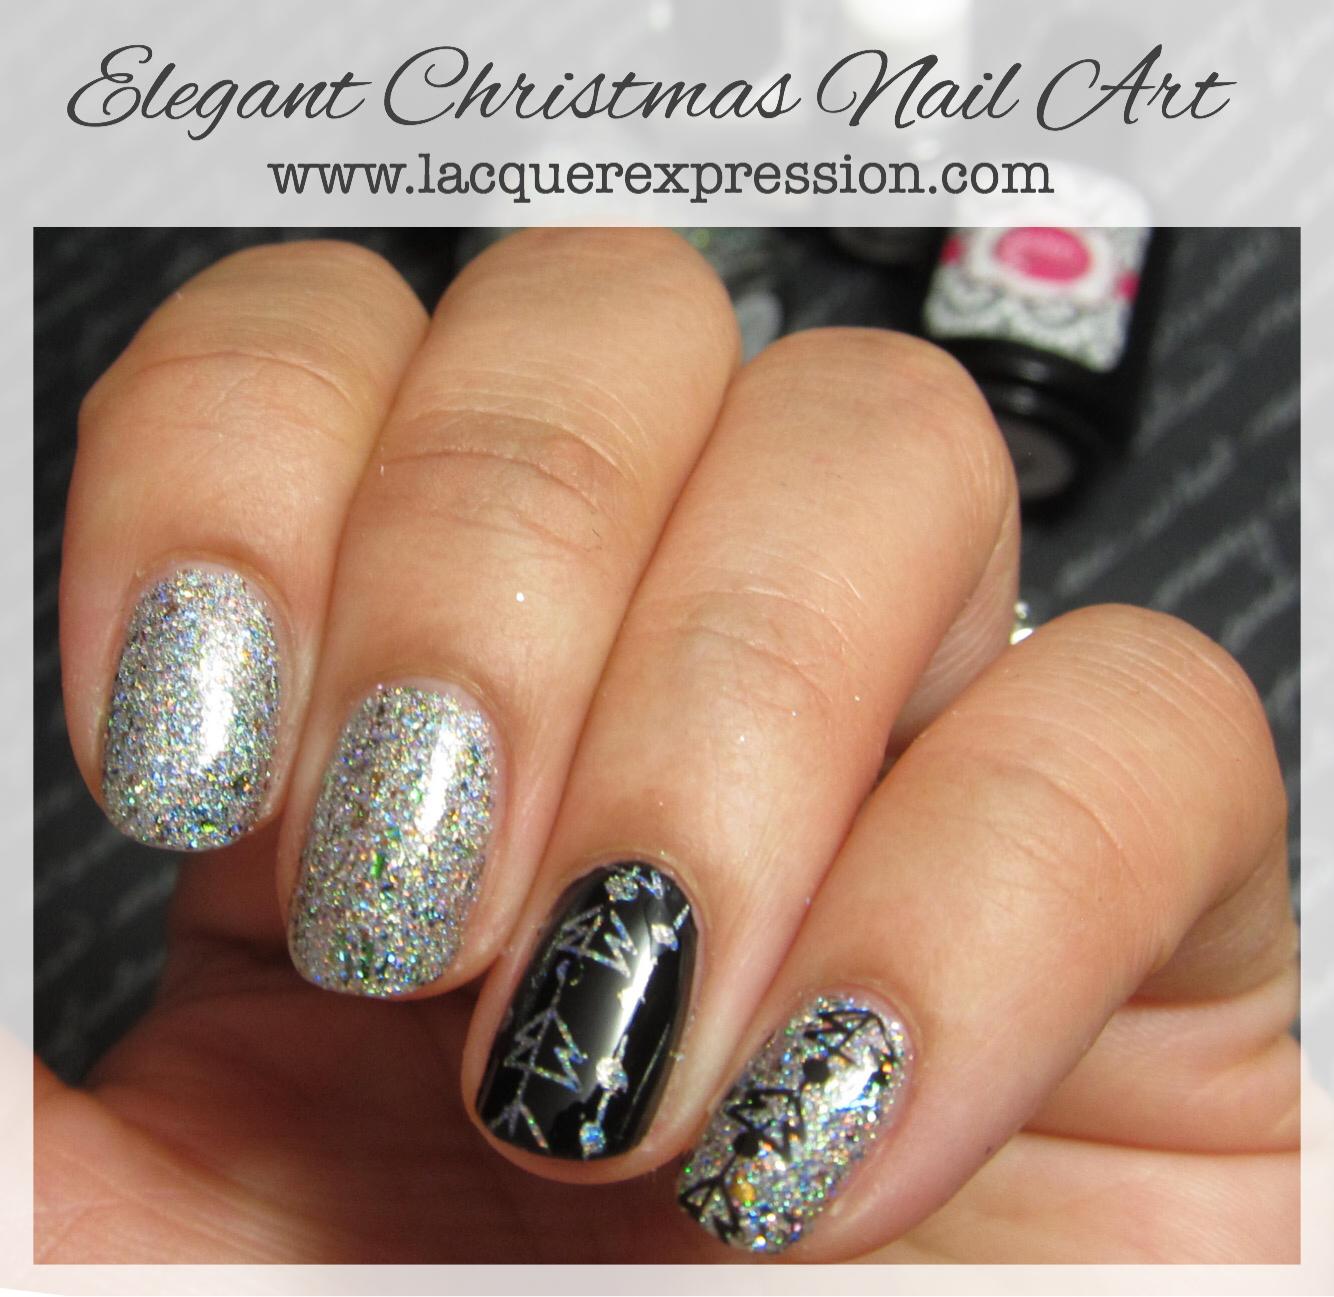 Elegant Christmas Nail Art: Step-by-Step Nail Art Friday